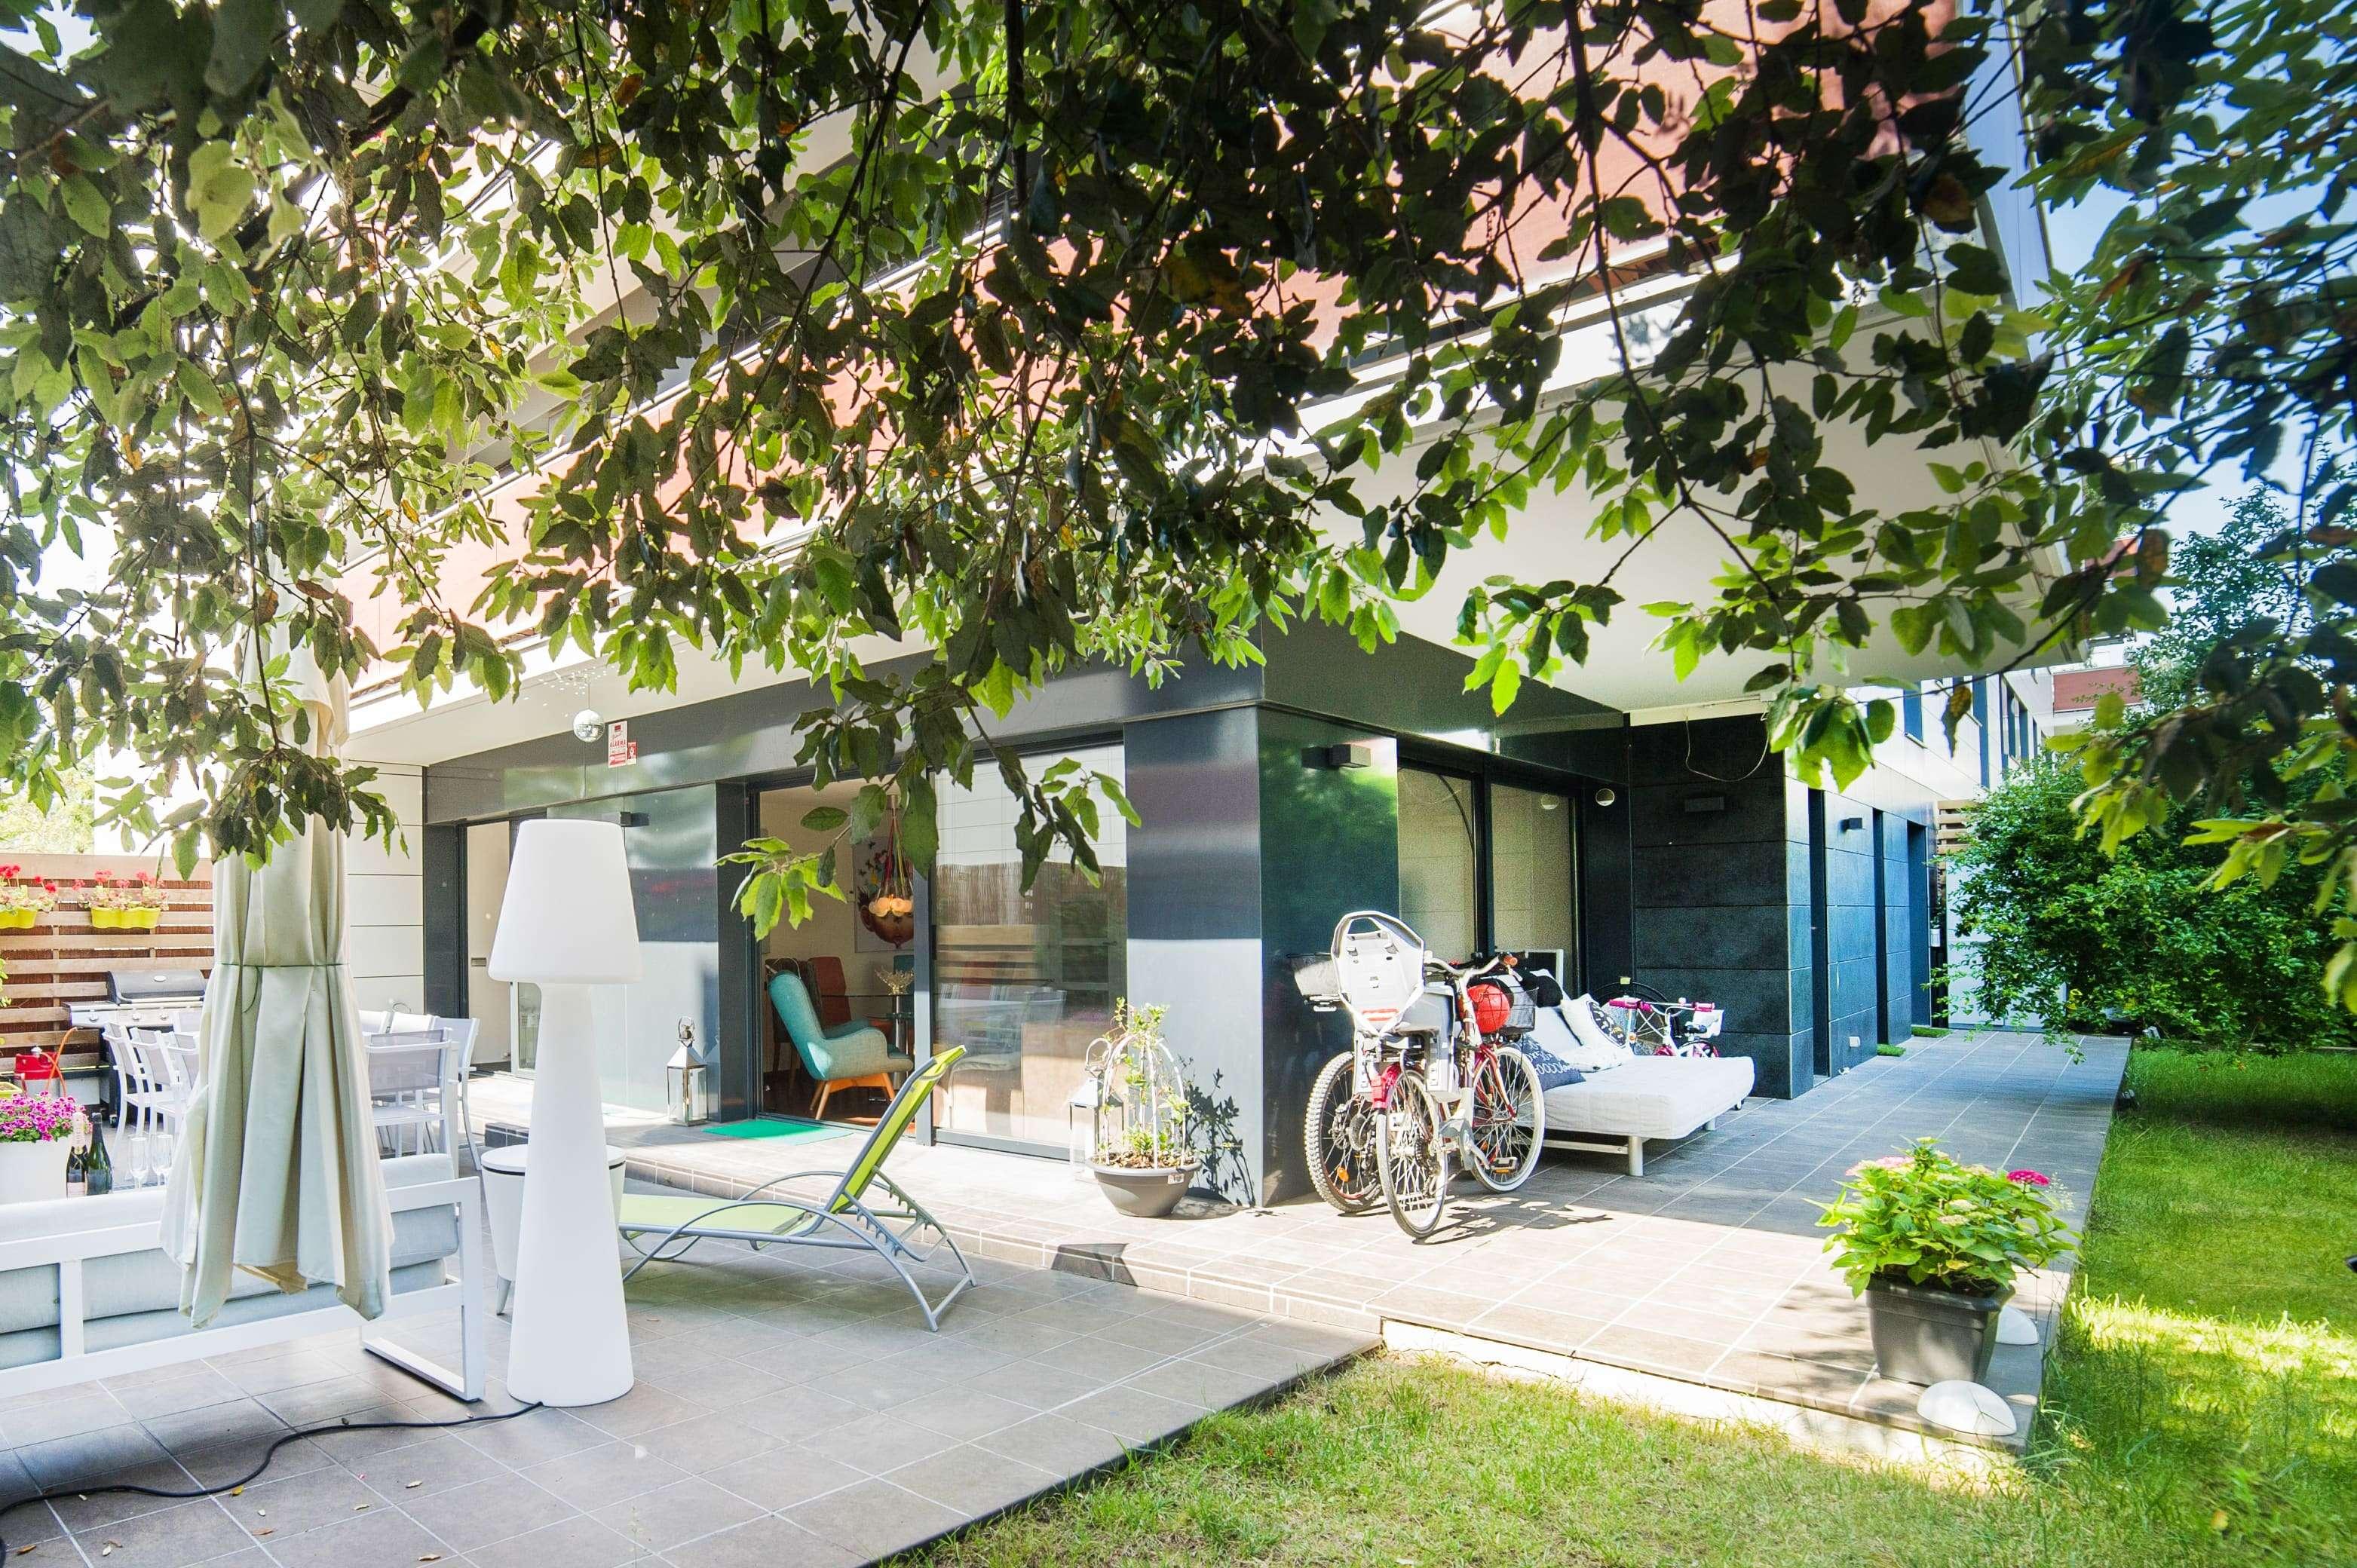 Апартаменты с дизайнерским интерьером, с собственным садом